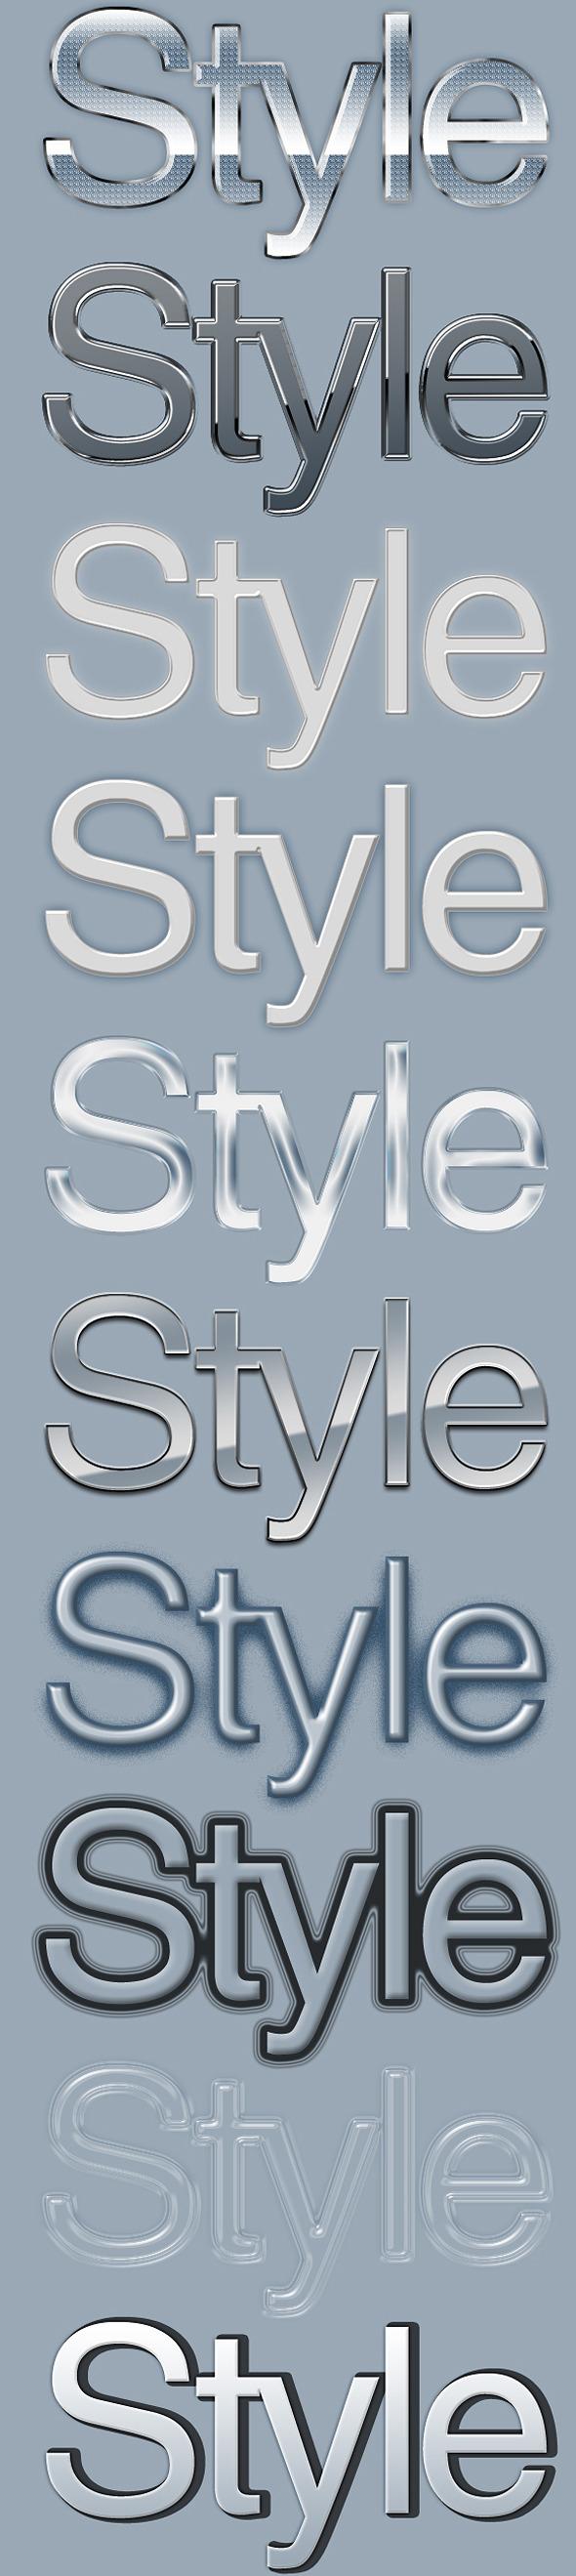 10 Elegant Text Styles 2